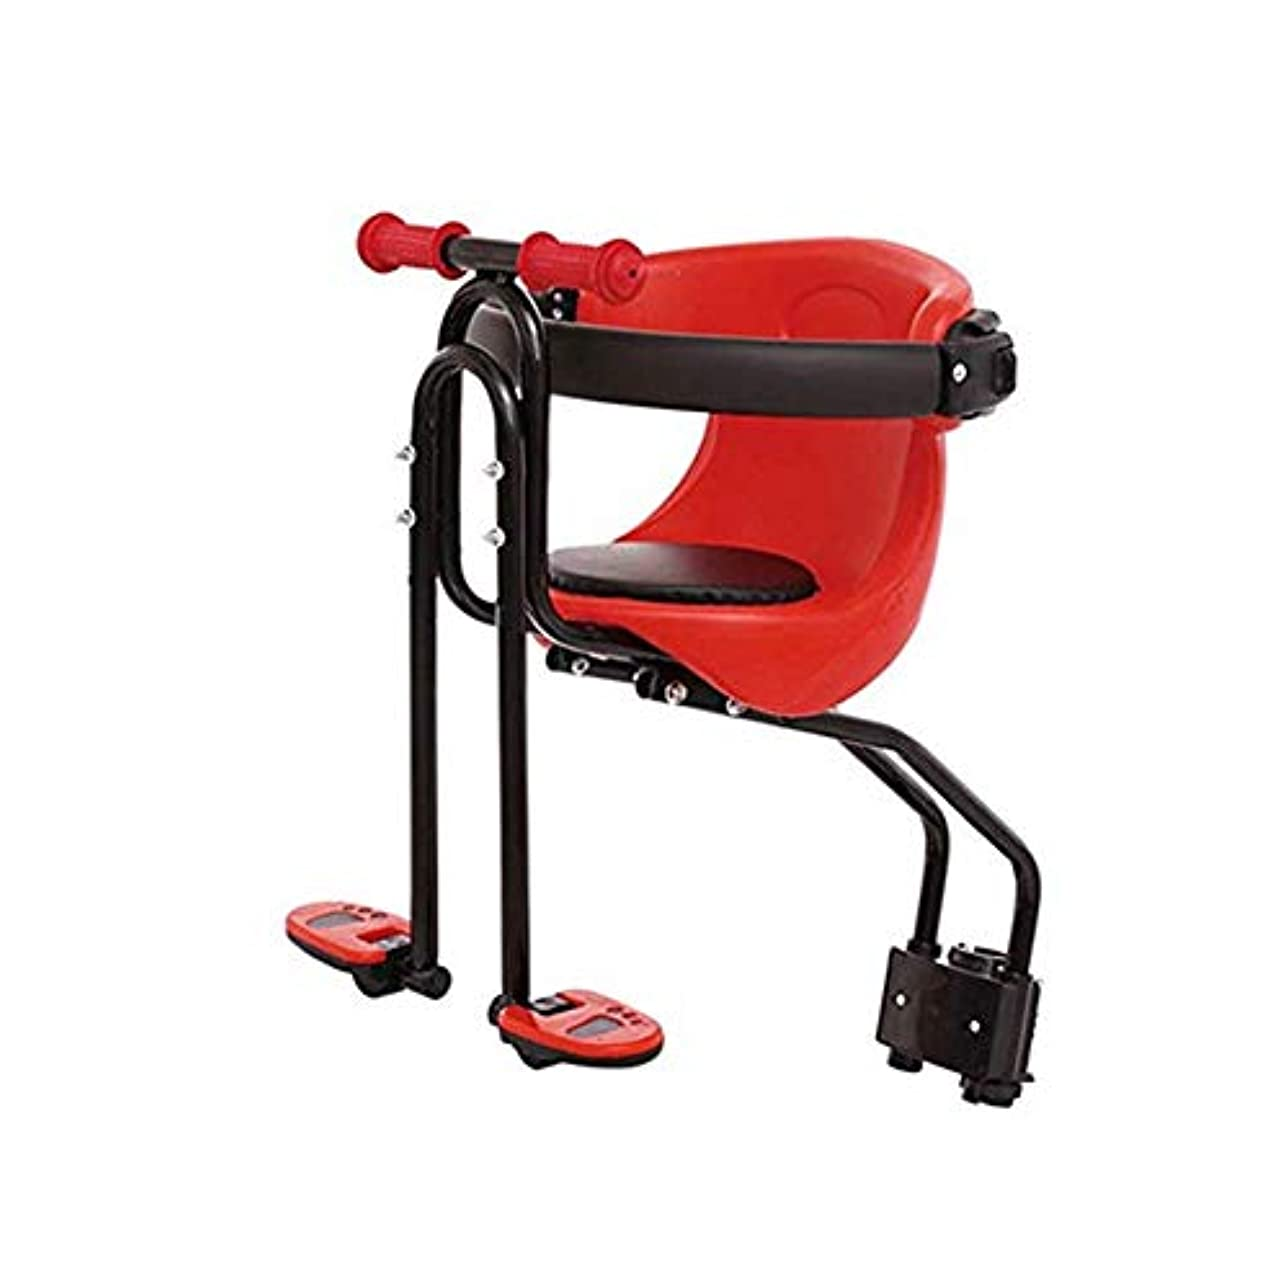 気球概念海軍前部台紙の子供の自転車の安全座席、携帯用子供の安全前部座席サドルのクッション